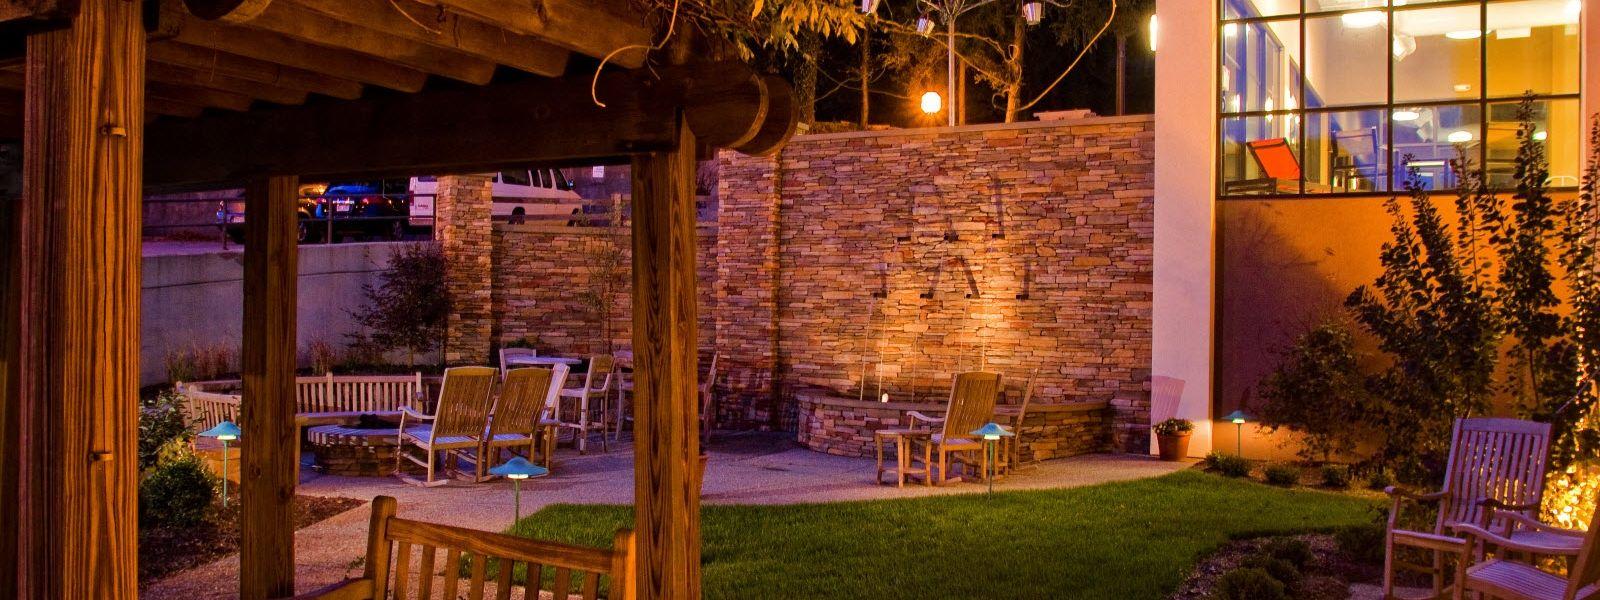 Visit the teak garden at the Hampton Inn in Wheeling, WV! | Our ...